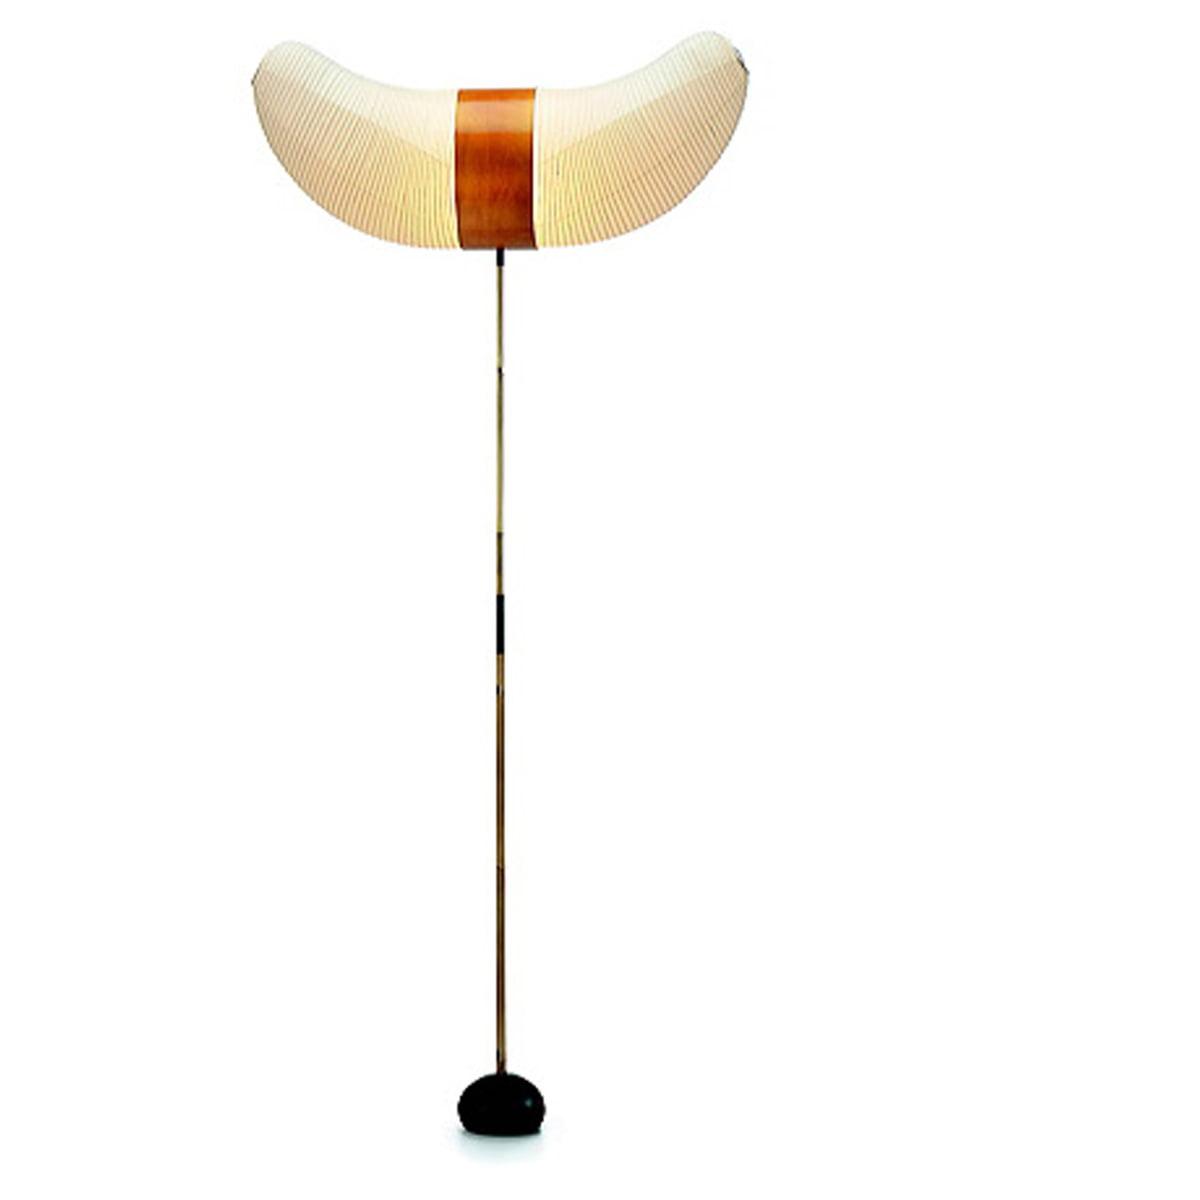 Uncategorized Akari Floor Lamp akari floor lamp bb3 33s vitra shop standard 33s